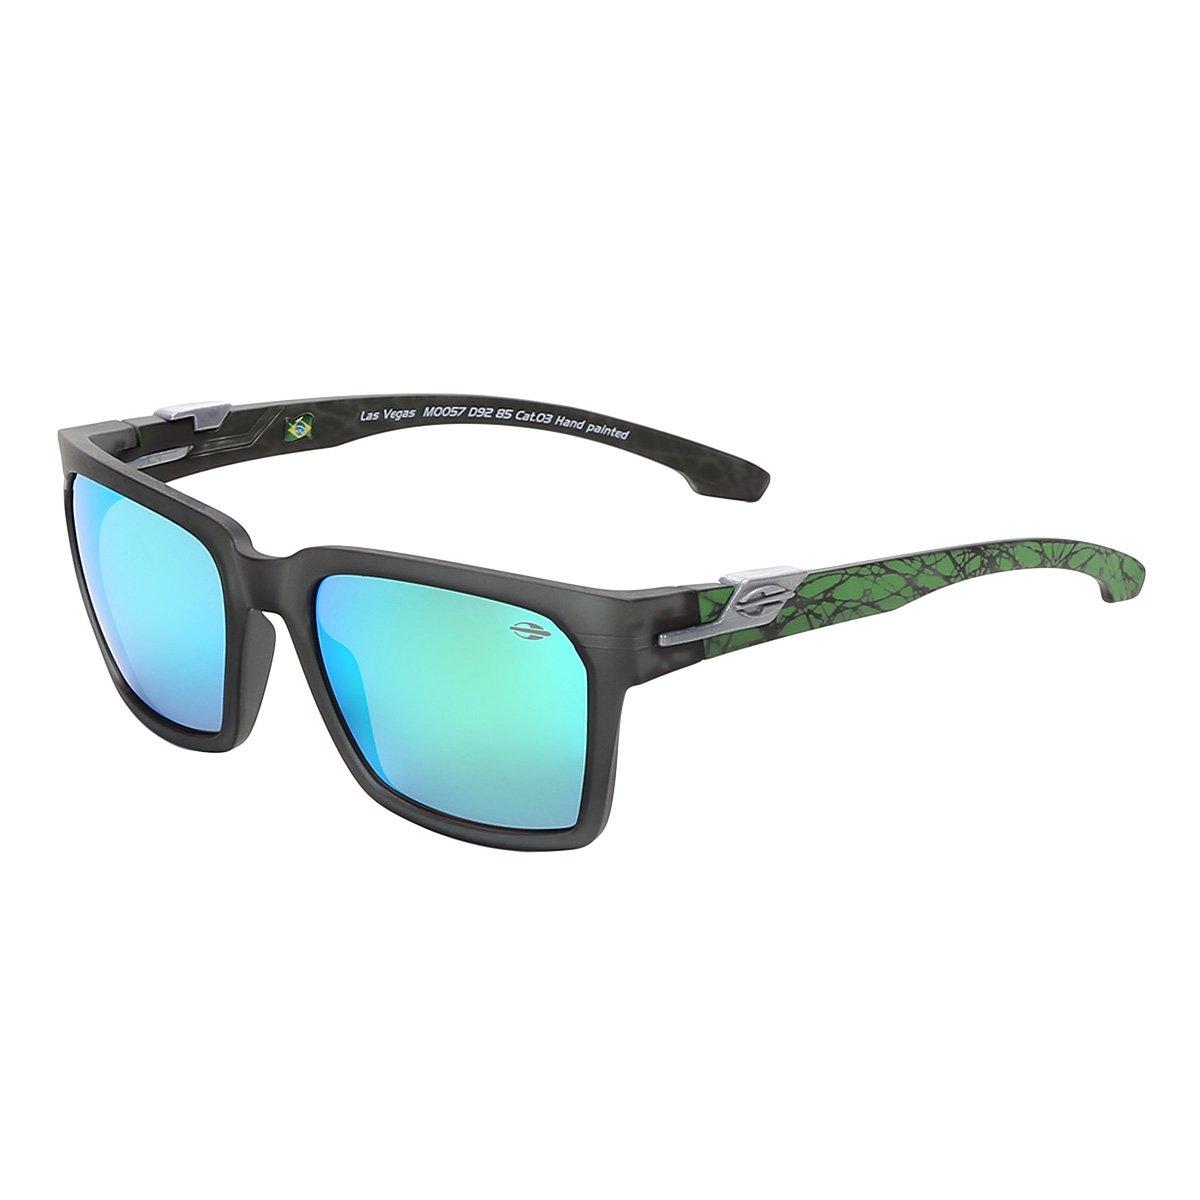 47bd751e6caa3 Óculos de Sol Mormaii Las Vegas Masculino - Compre Agora